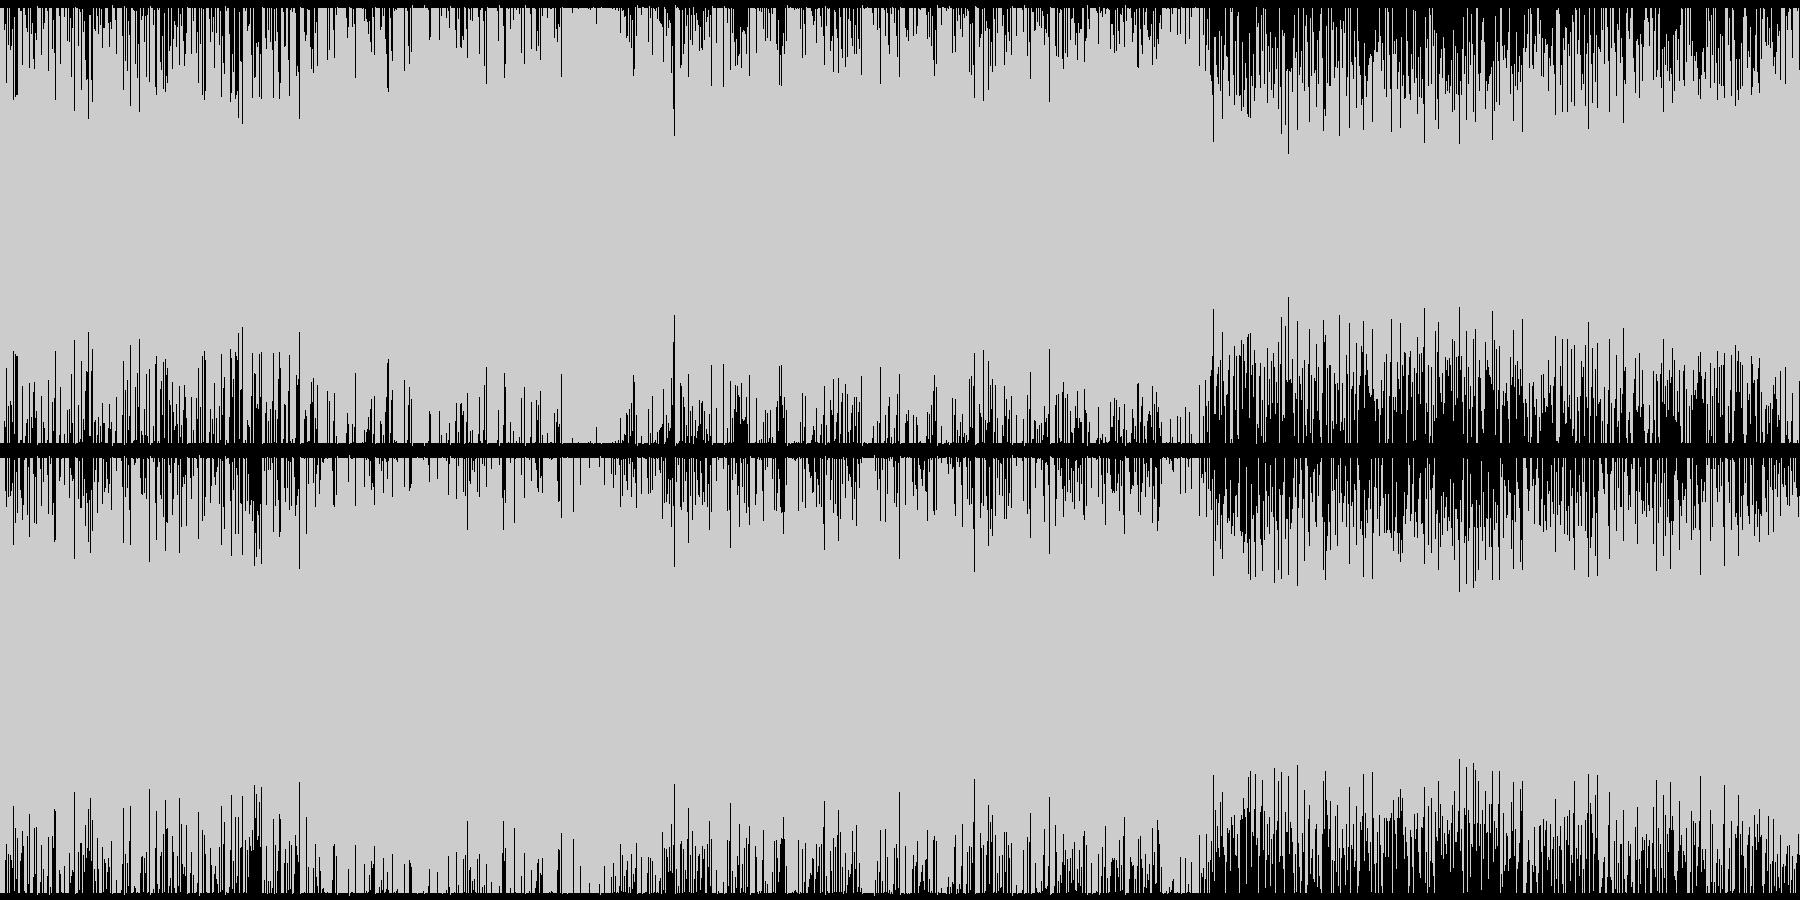 ダークなサスペンスシネマサウンドループSの未再生の波形